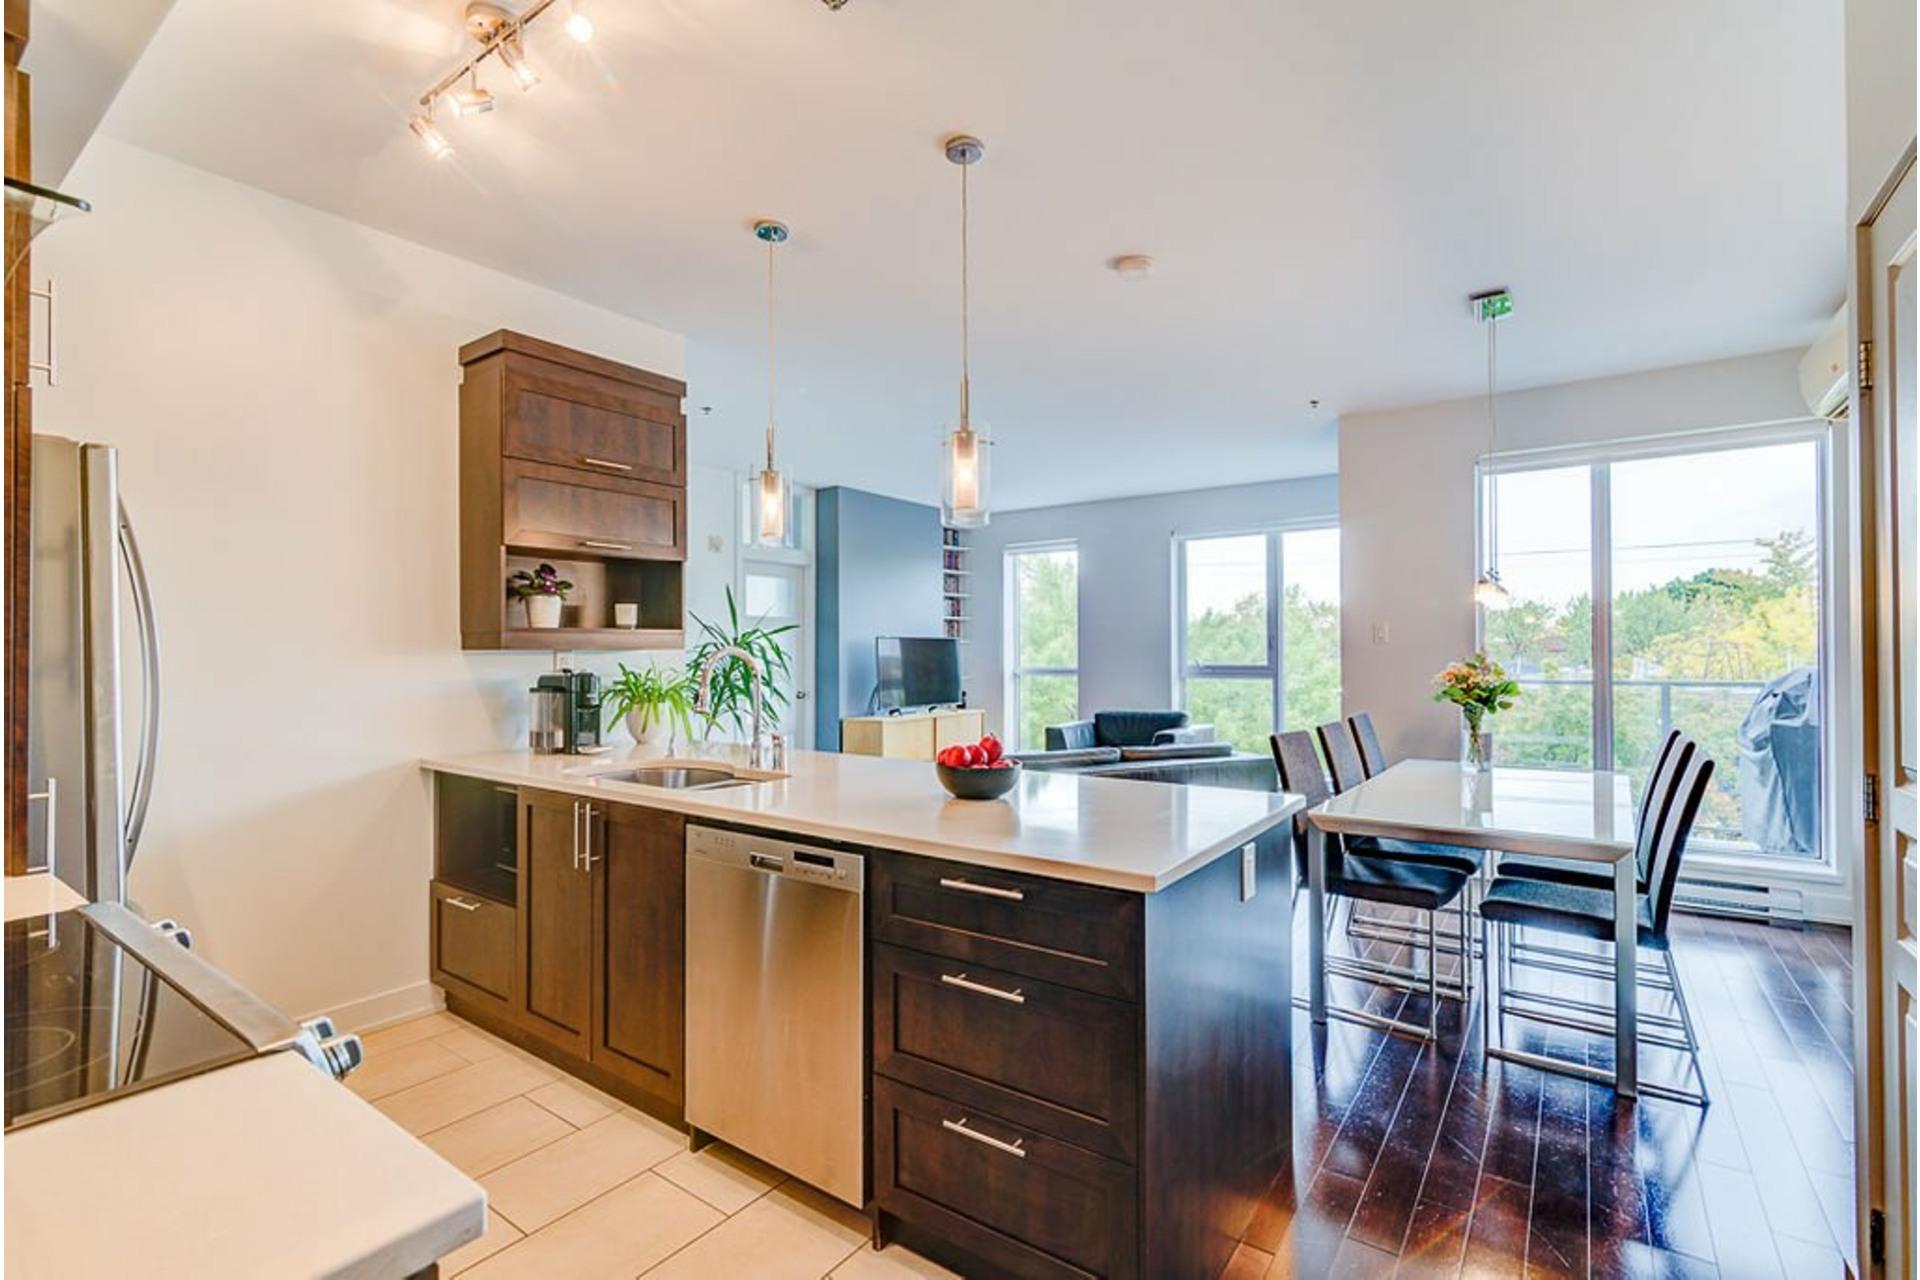 image 17 - Appartement À vendre Villeray/Saint-Michel/Parc-Extension Montréal  - 6 pièces